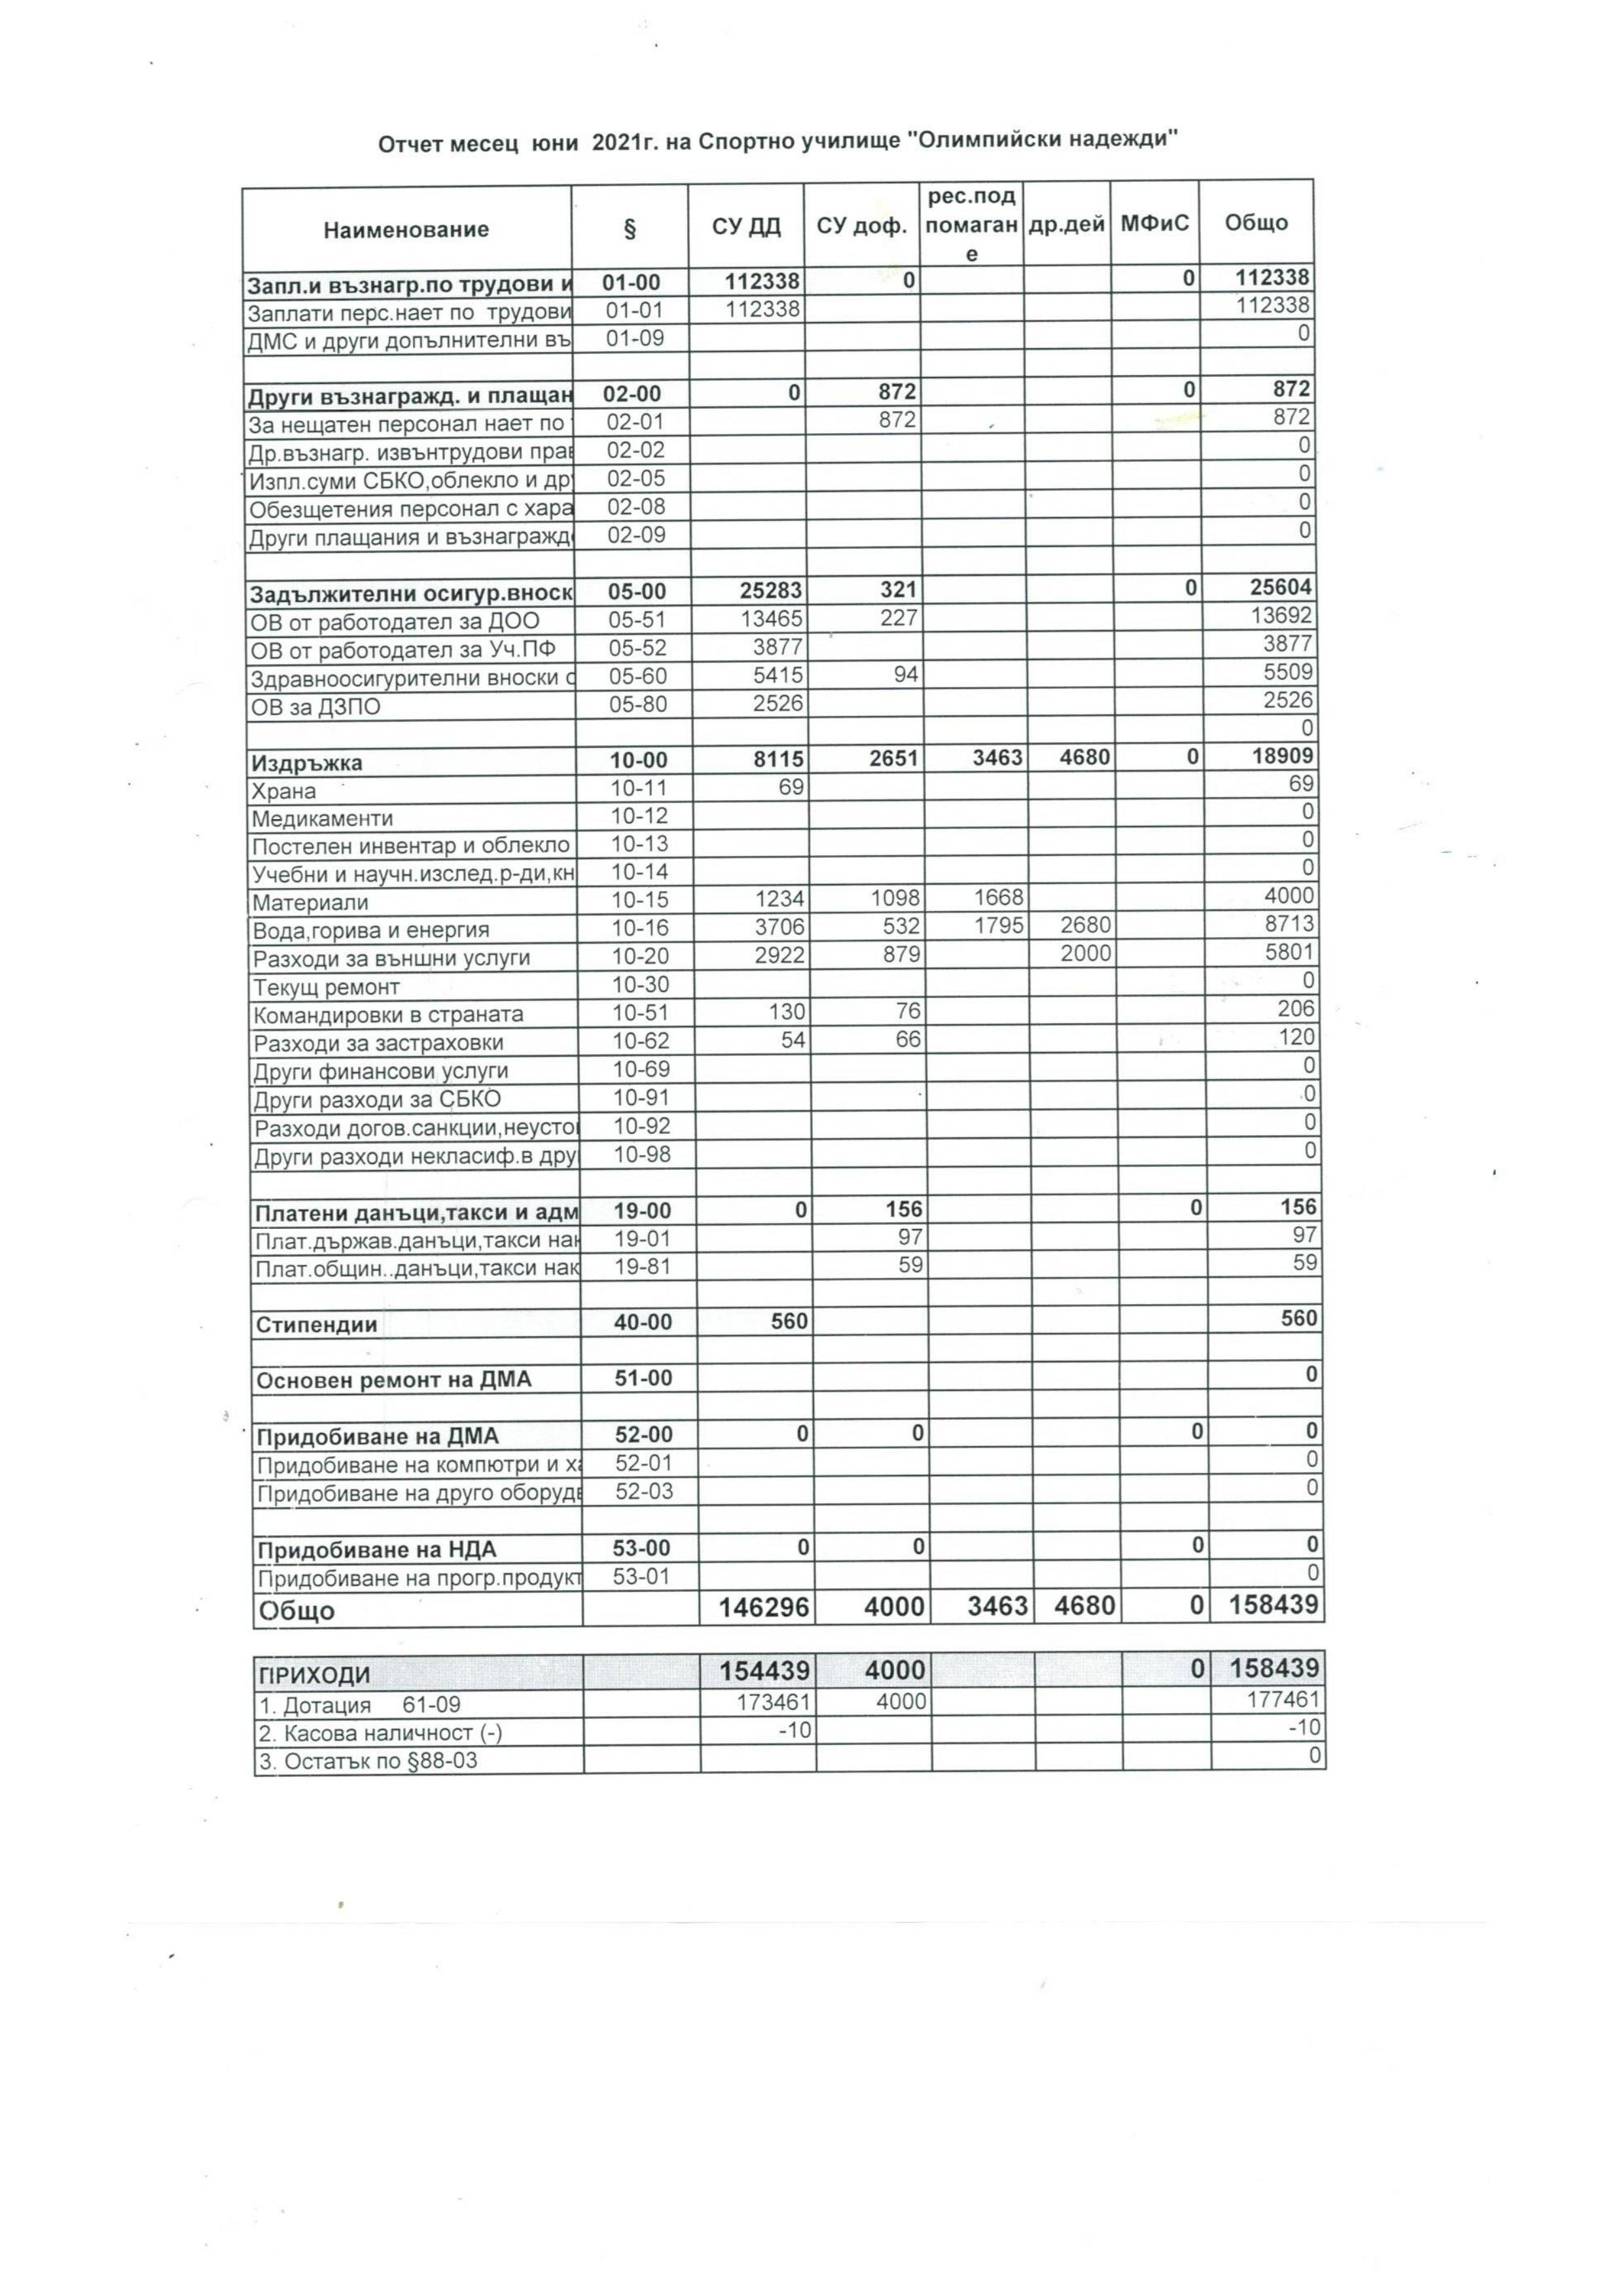 Отчет м.06.2021г - 1стр. 001